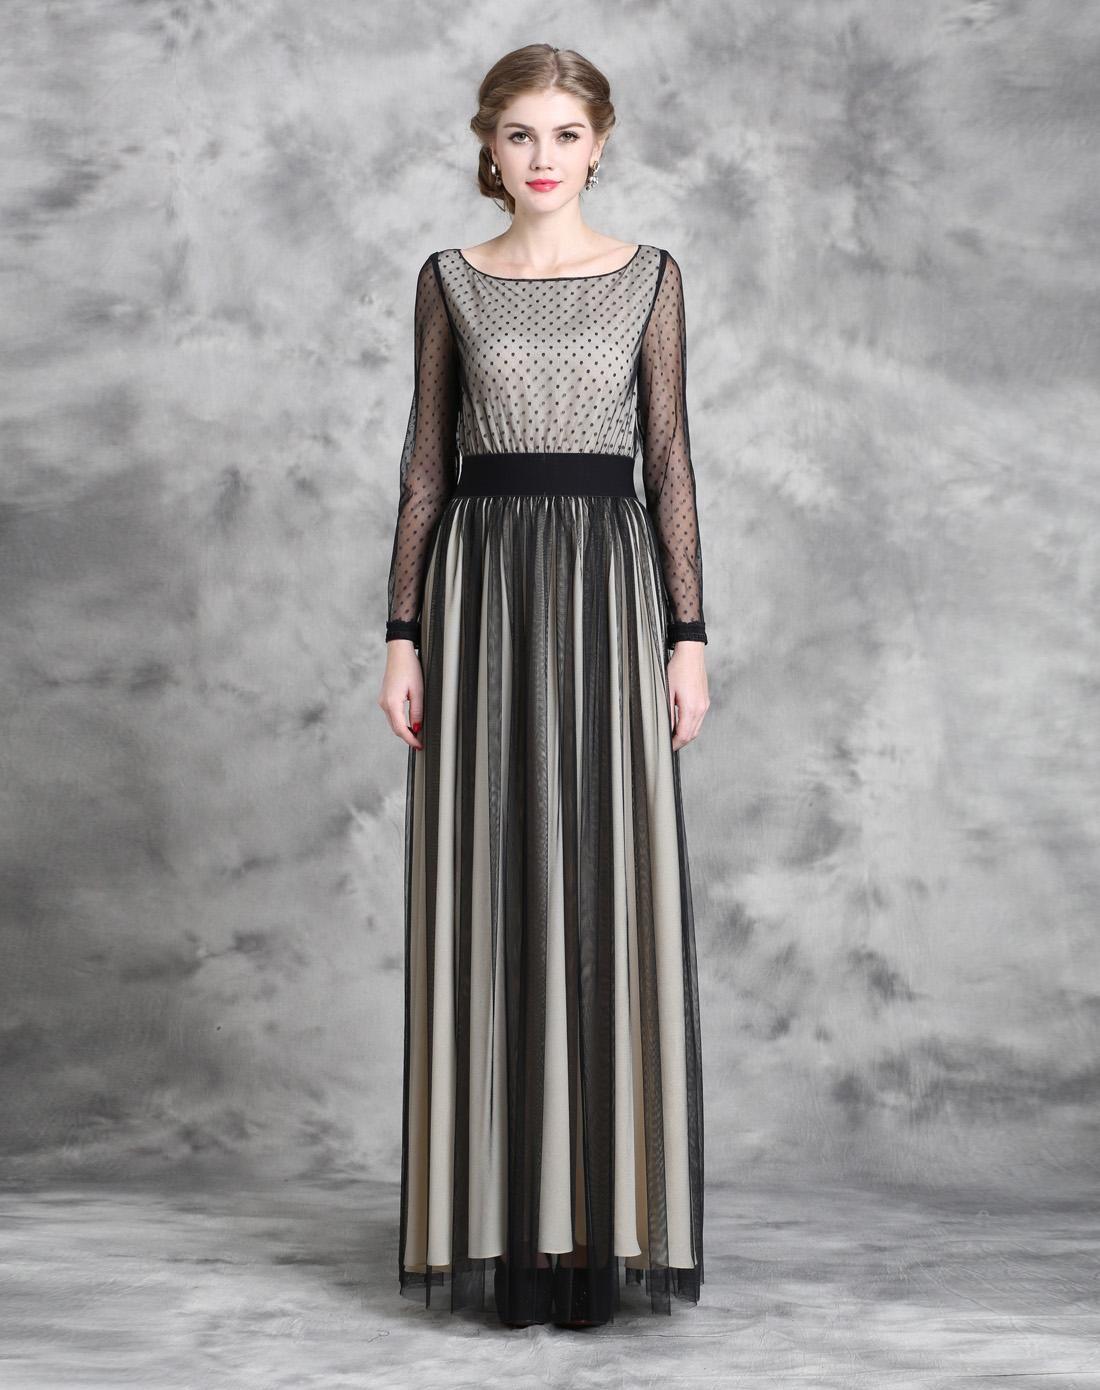 Gemütlich Parisere Prom Kleider Fotos - Hochzeit Kleid Stile Ideen ...